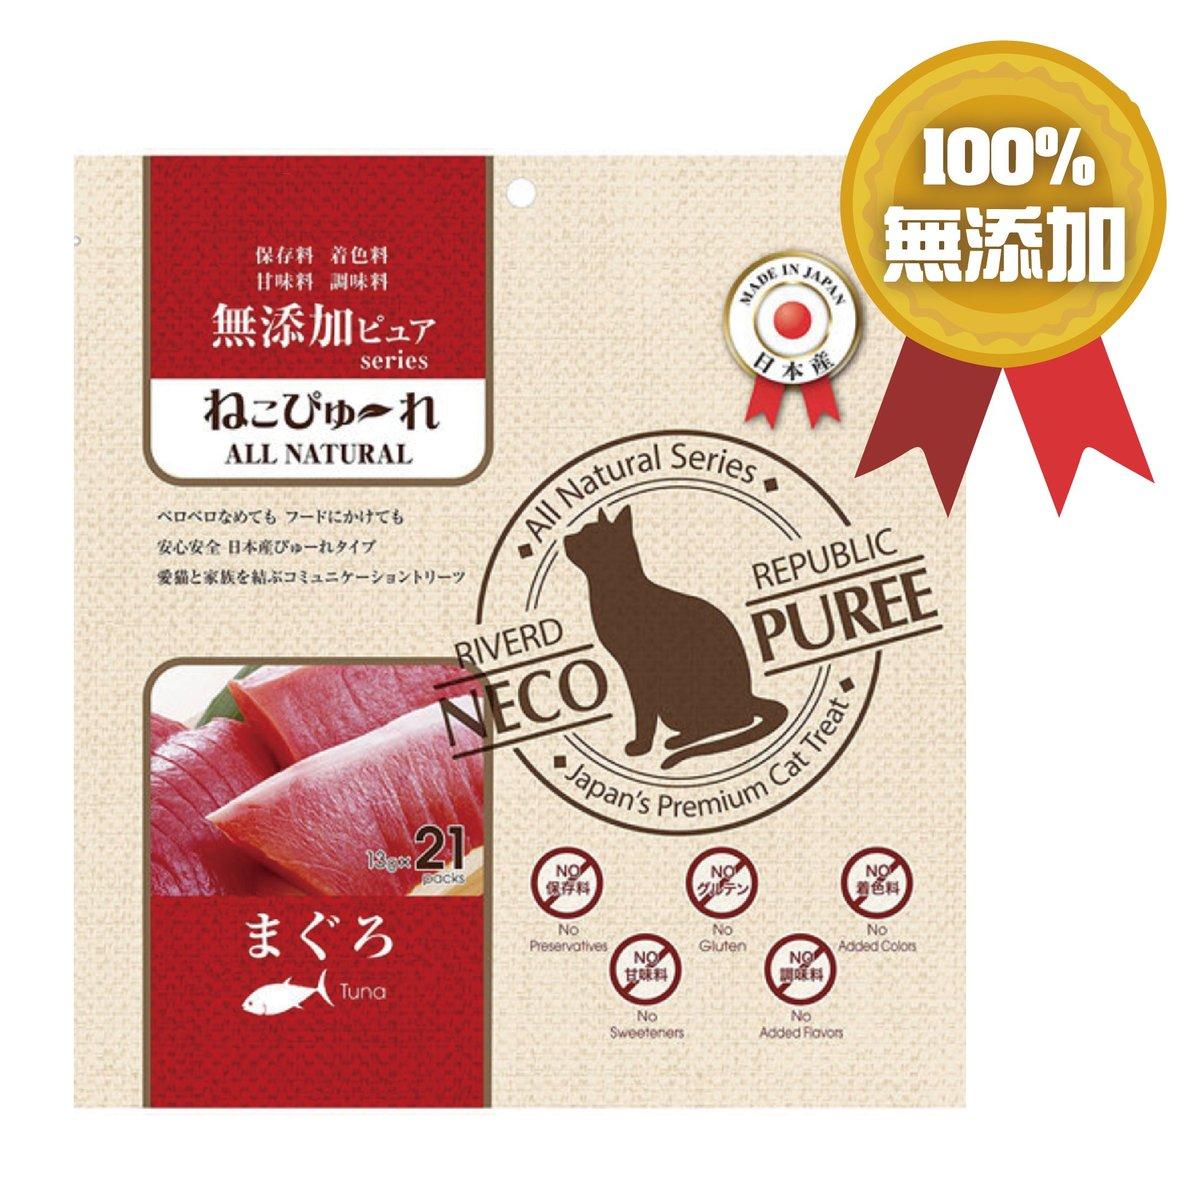 NECO PUREE All Natural series Tuna (for cats)- 21pcs RRNP-4189